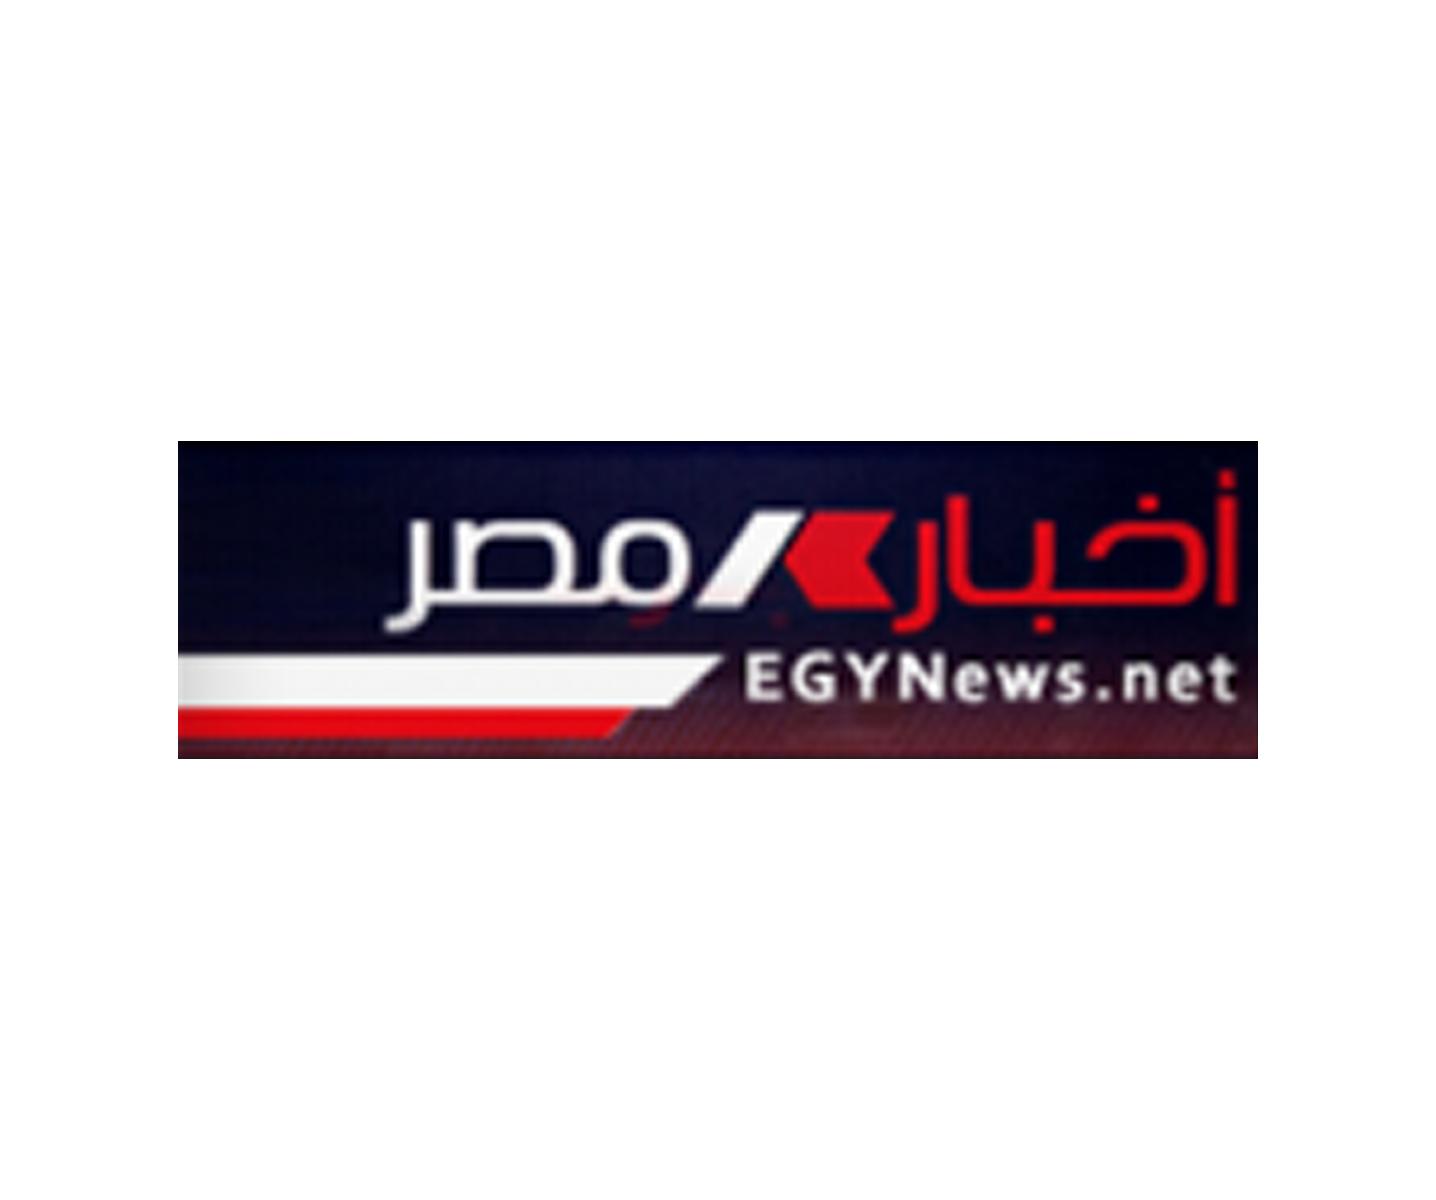 Egynews